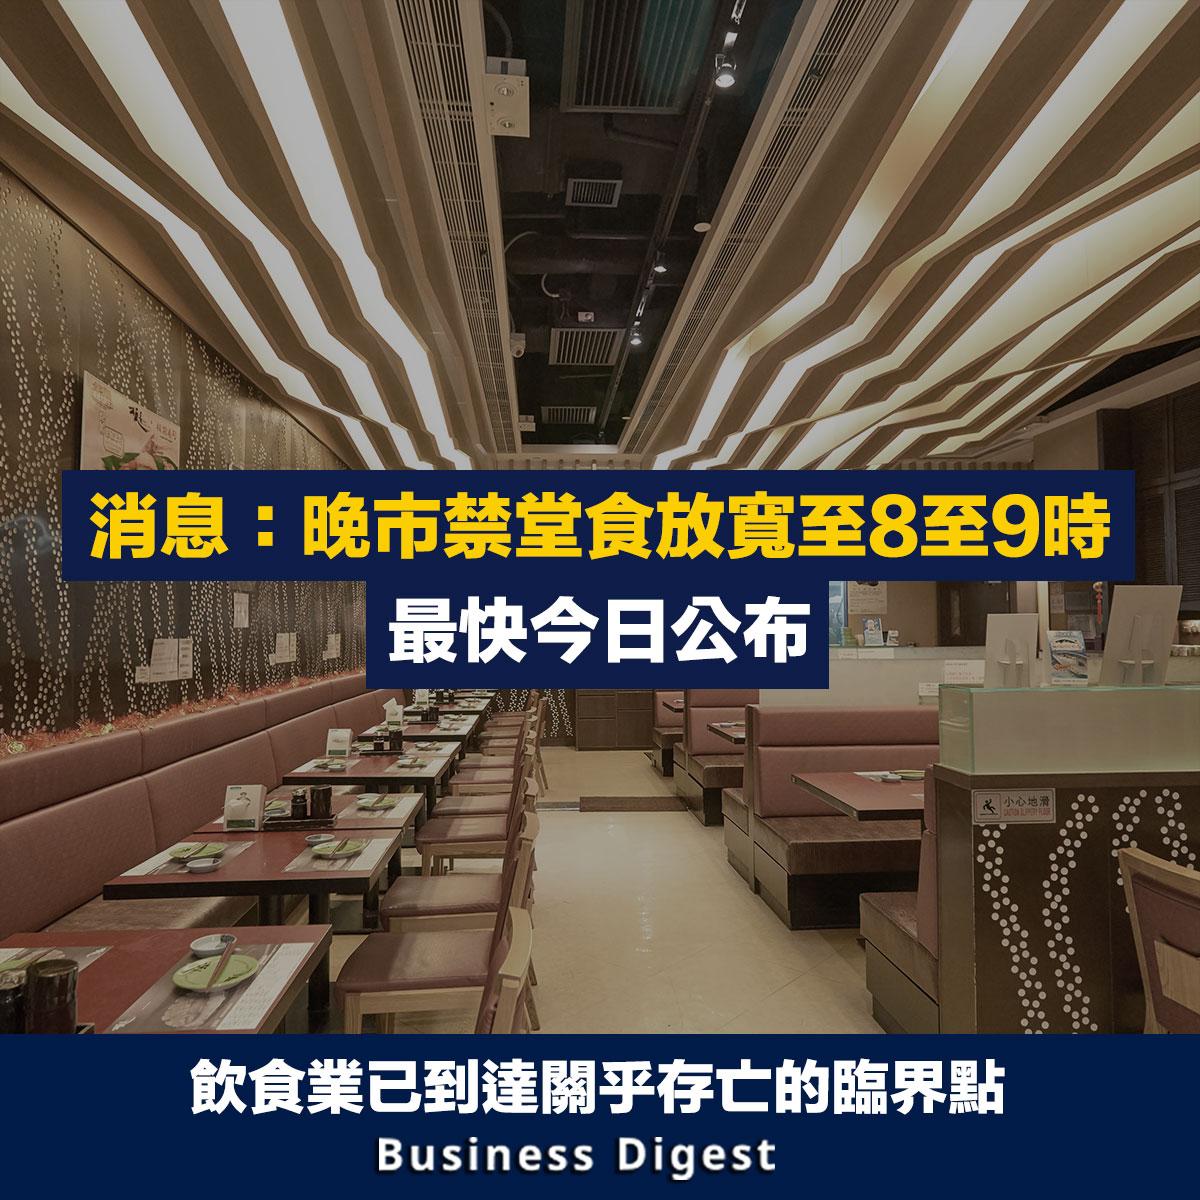 【商業熱話】消息:晚市禁堂食放寬至8至9時,最快今日公布